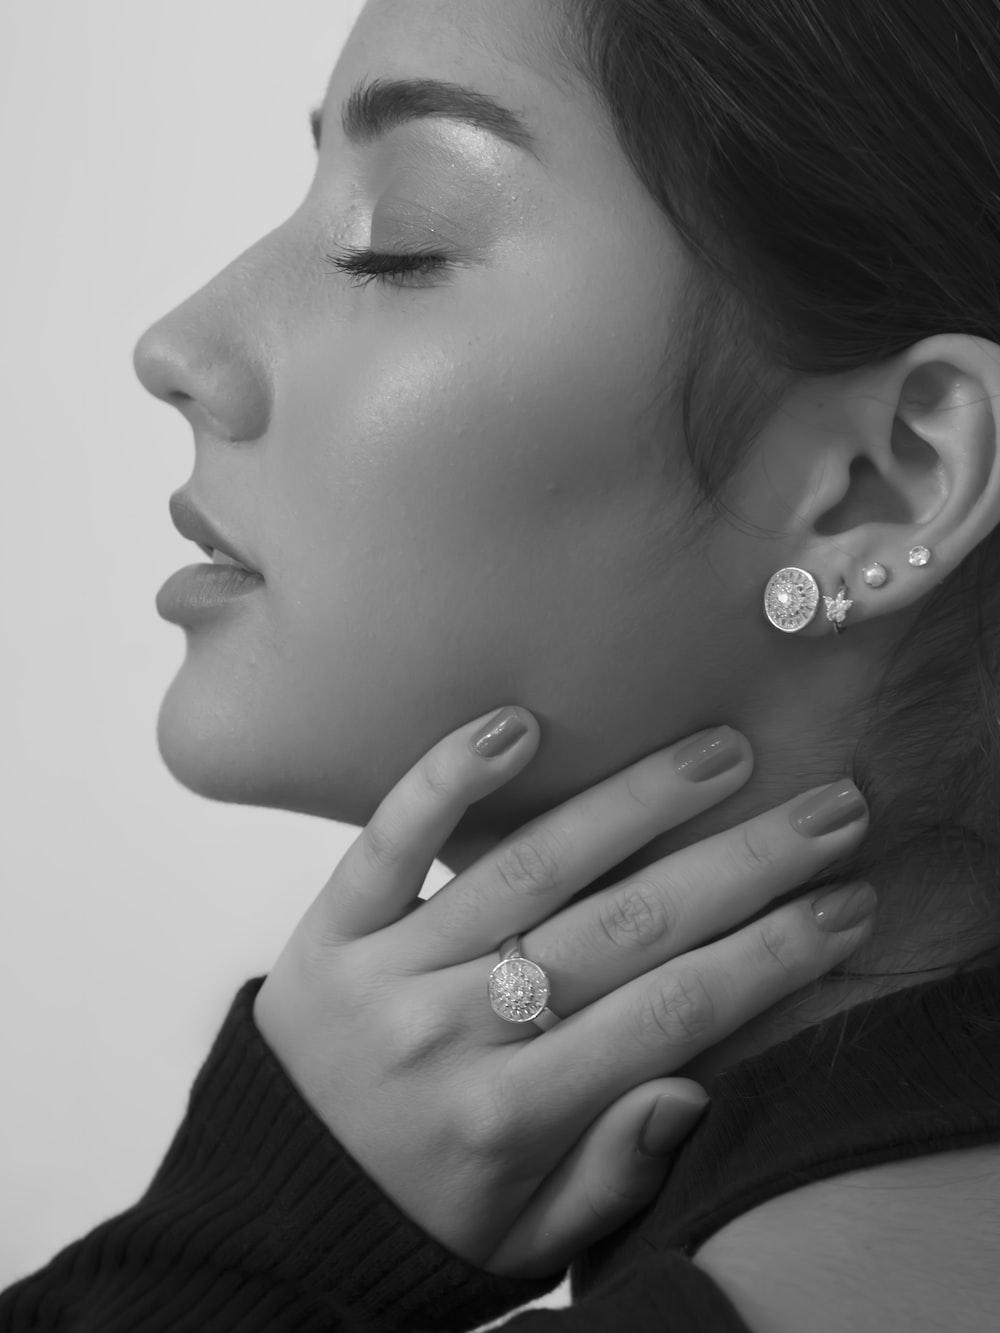 grayscale photo of woman wearing silver diamond stud earrings